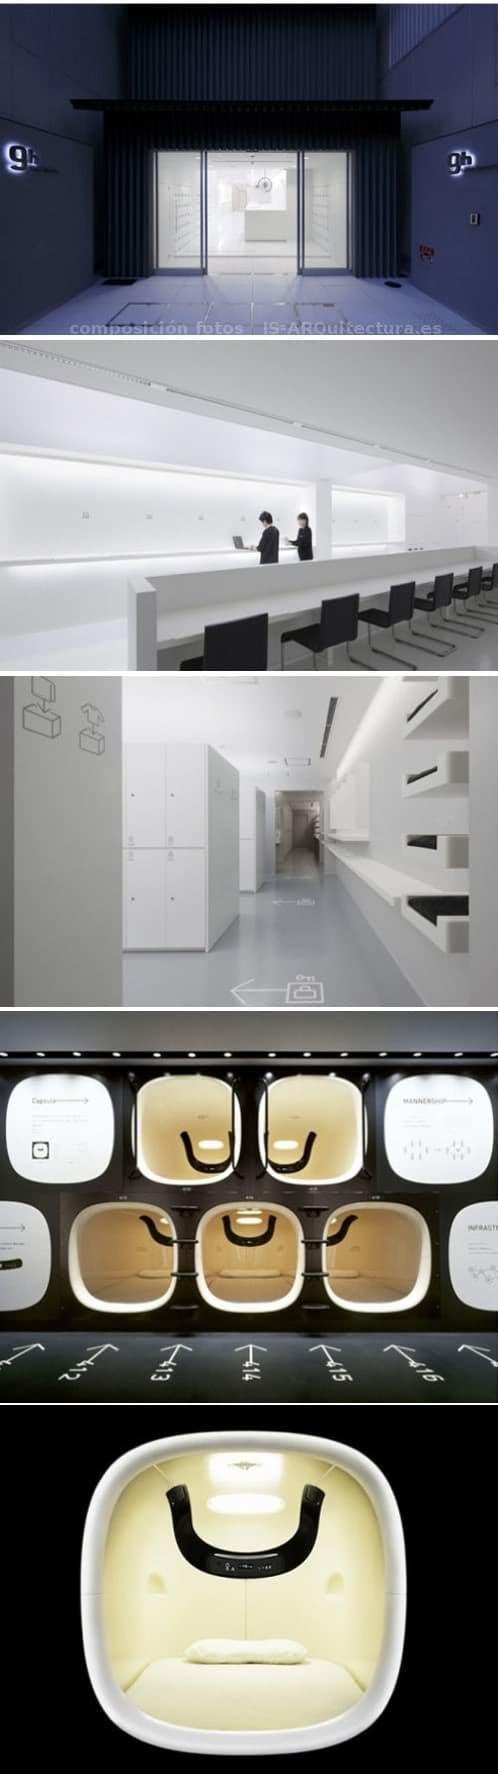 hotel-capsula-9horas-1